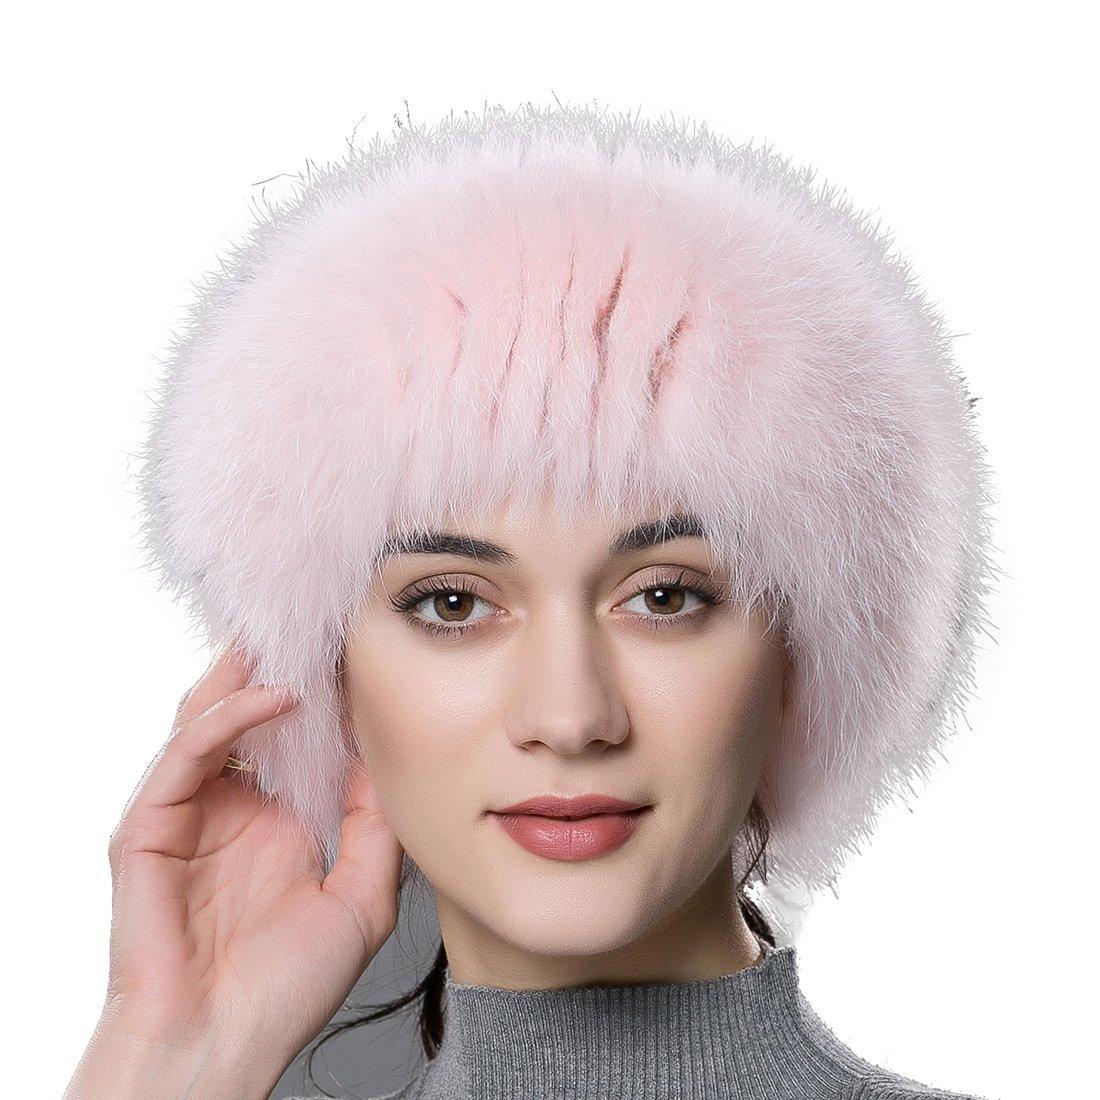 URSFUR Winter Fur Headband Women Warm Real Fox Fur Knitted Headband Earmuffs Pink